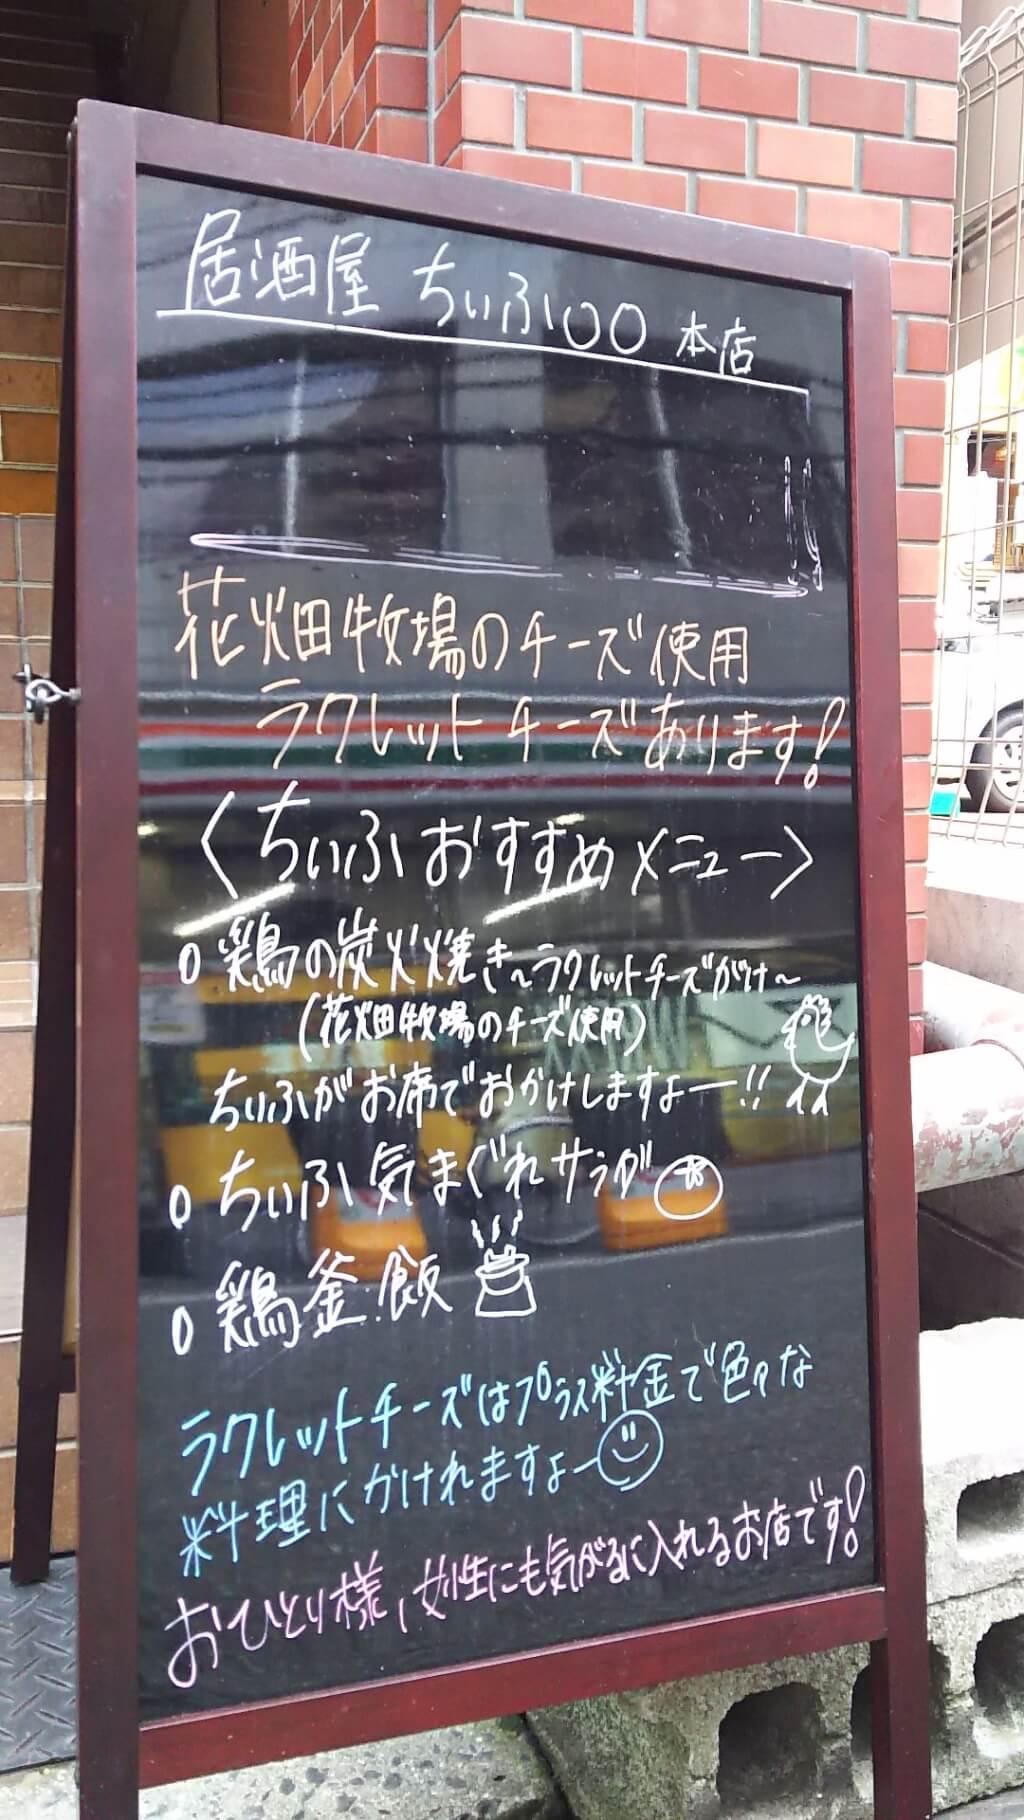 居酒屋 ちぃふ〇〇 本店 店頭看板